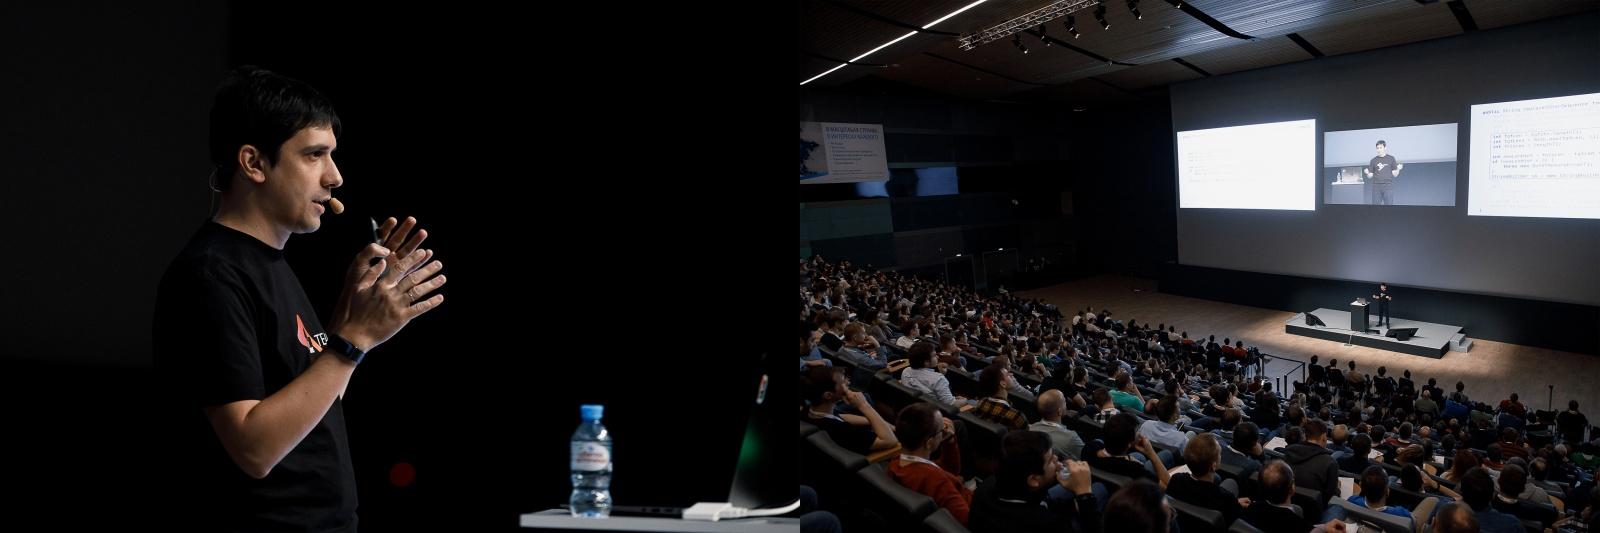 Атакуем Joker 2019 полностью: как прошла самая крупная Java-конференция в России - 13